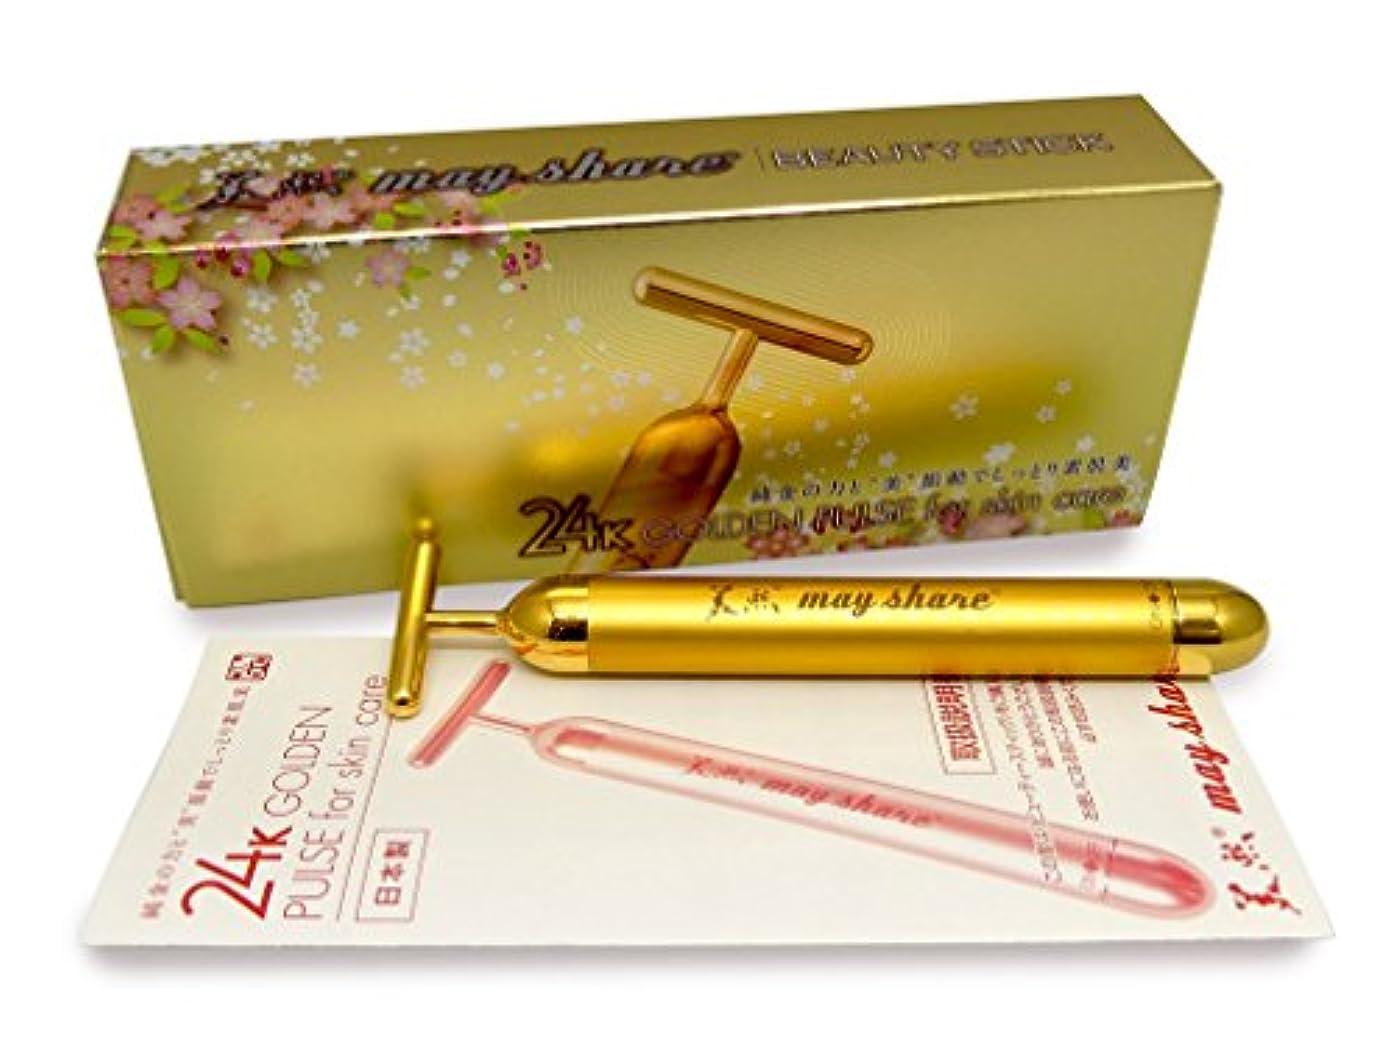 批判口ひげハイランド日本製 24Kゴールドビューティースティック(T型)Beauty Stick 黄金棒 MS-1